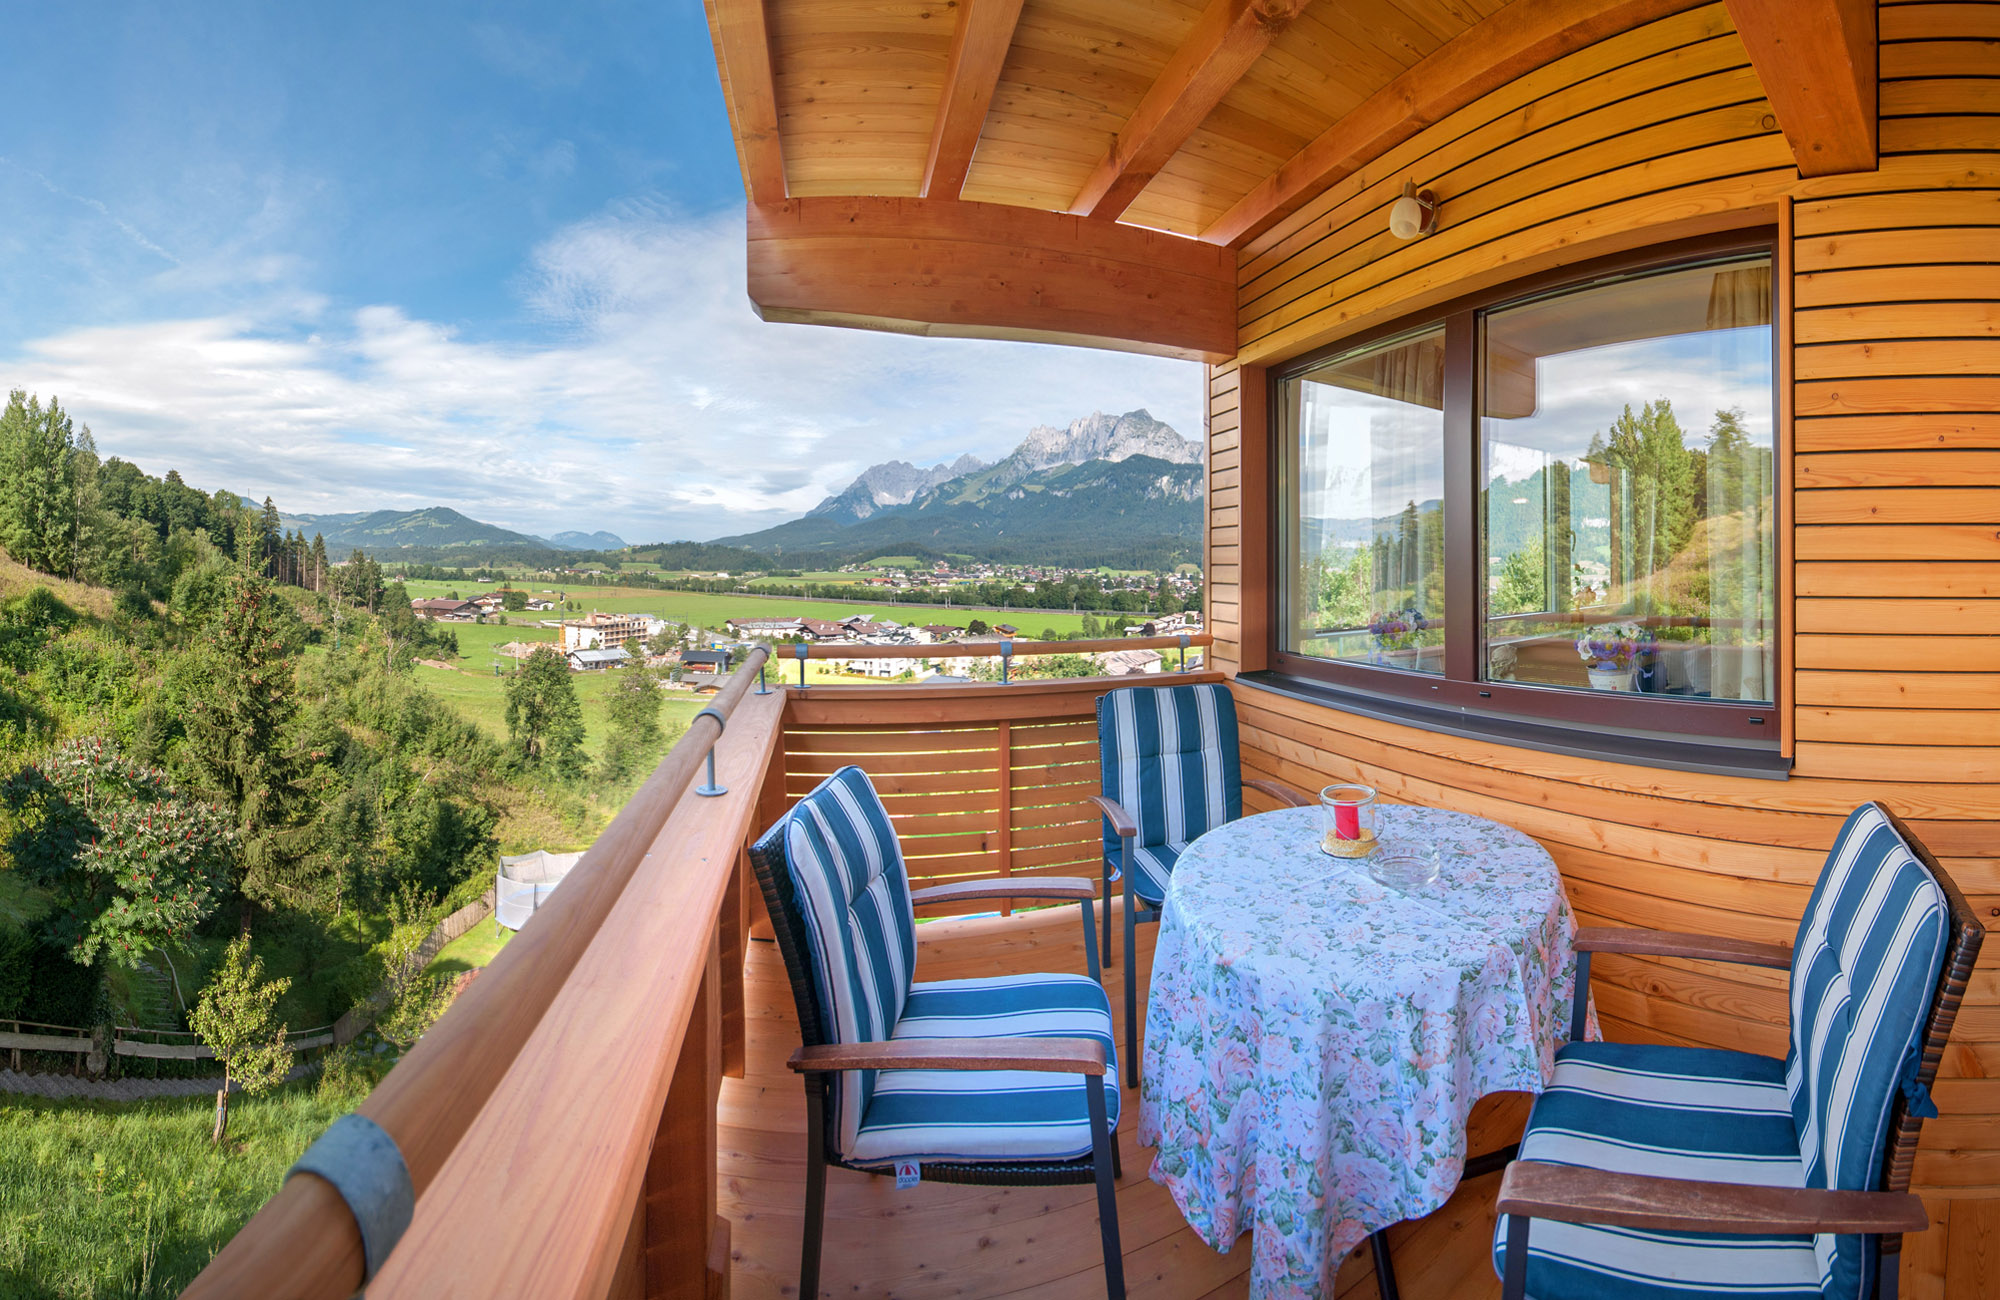 Preiswerte Ferienwohnungen in St. Johann in Tirol mit Ausblick zum Wilder Kaiser und Süd Balkon 1